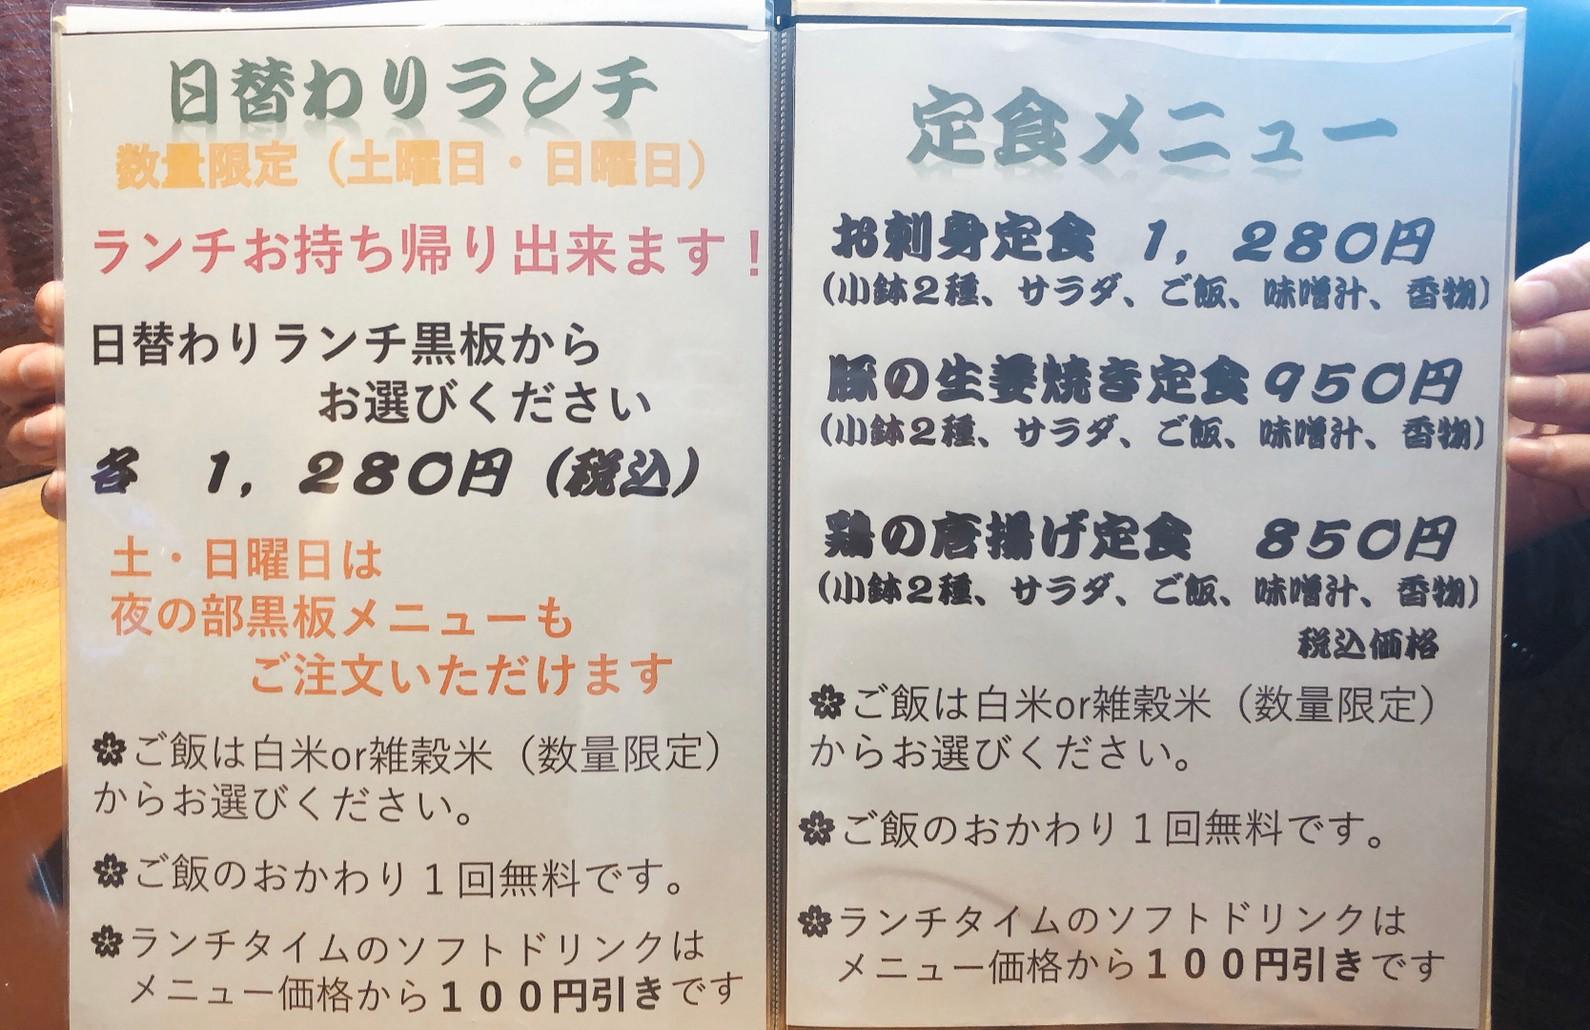 0D149EC8-DF13-45AA-9CFB-3F308C40F055